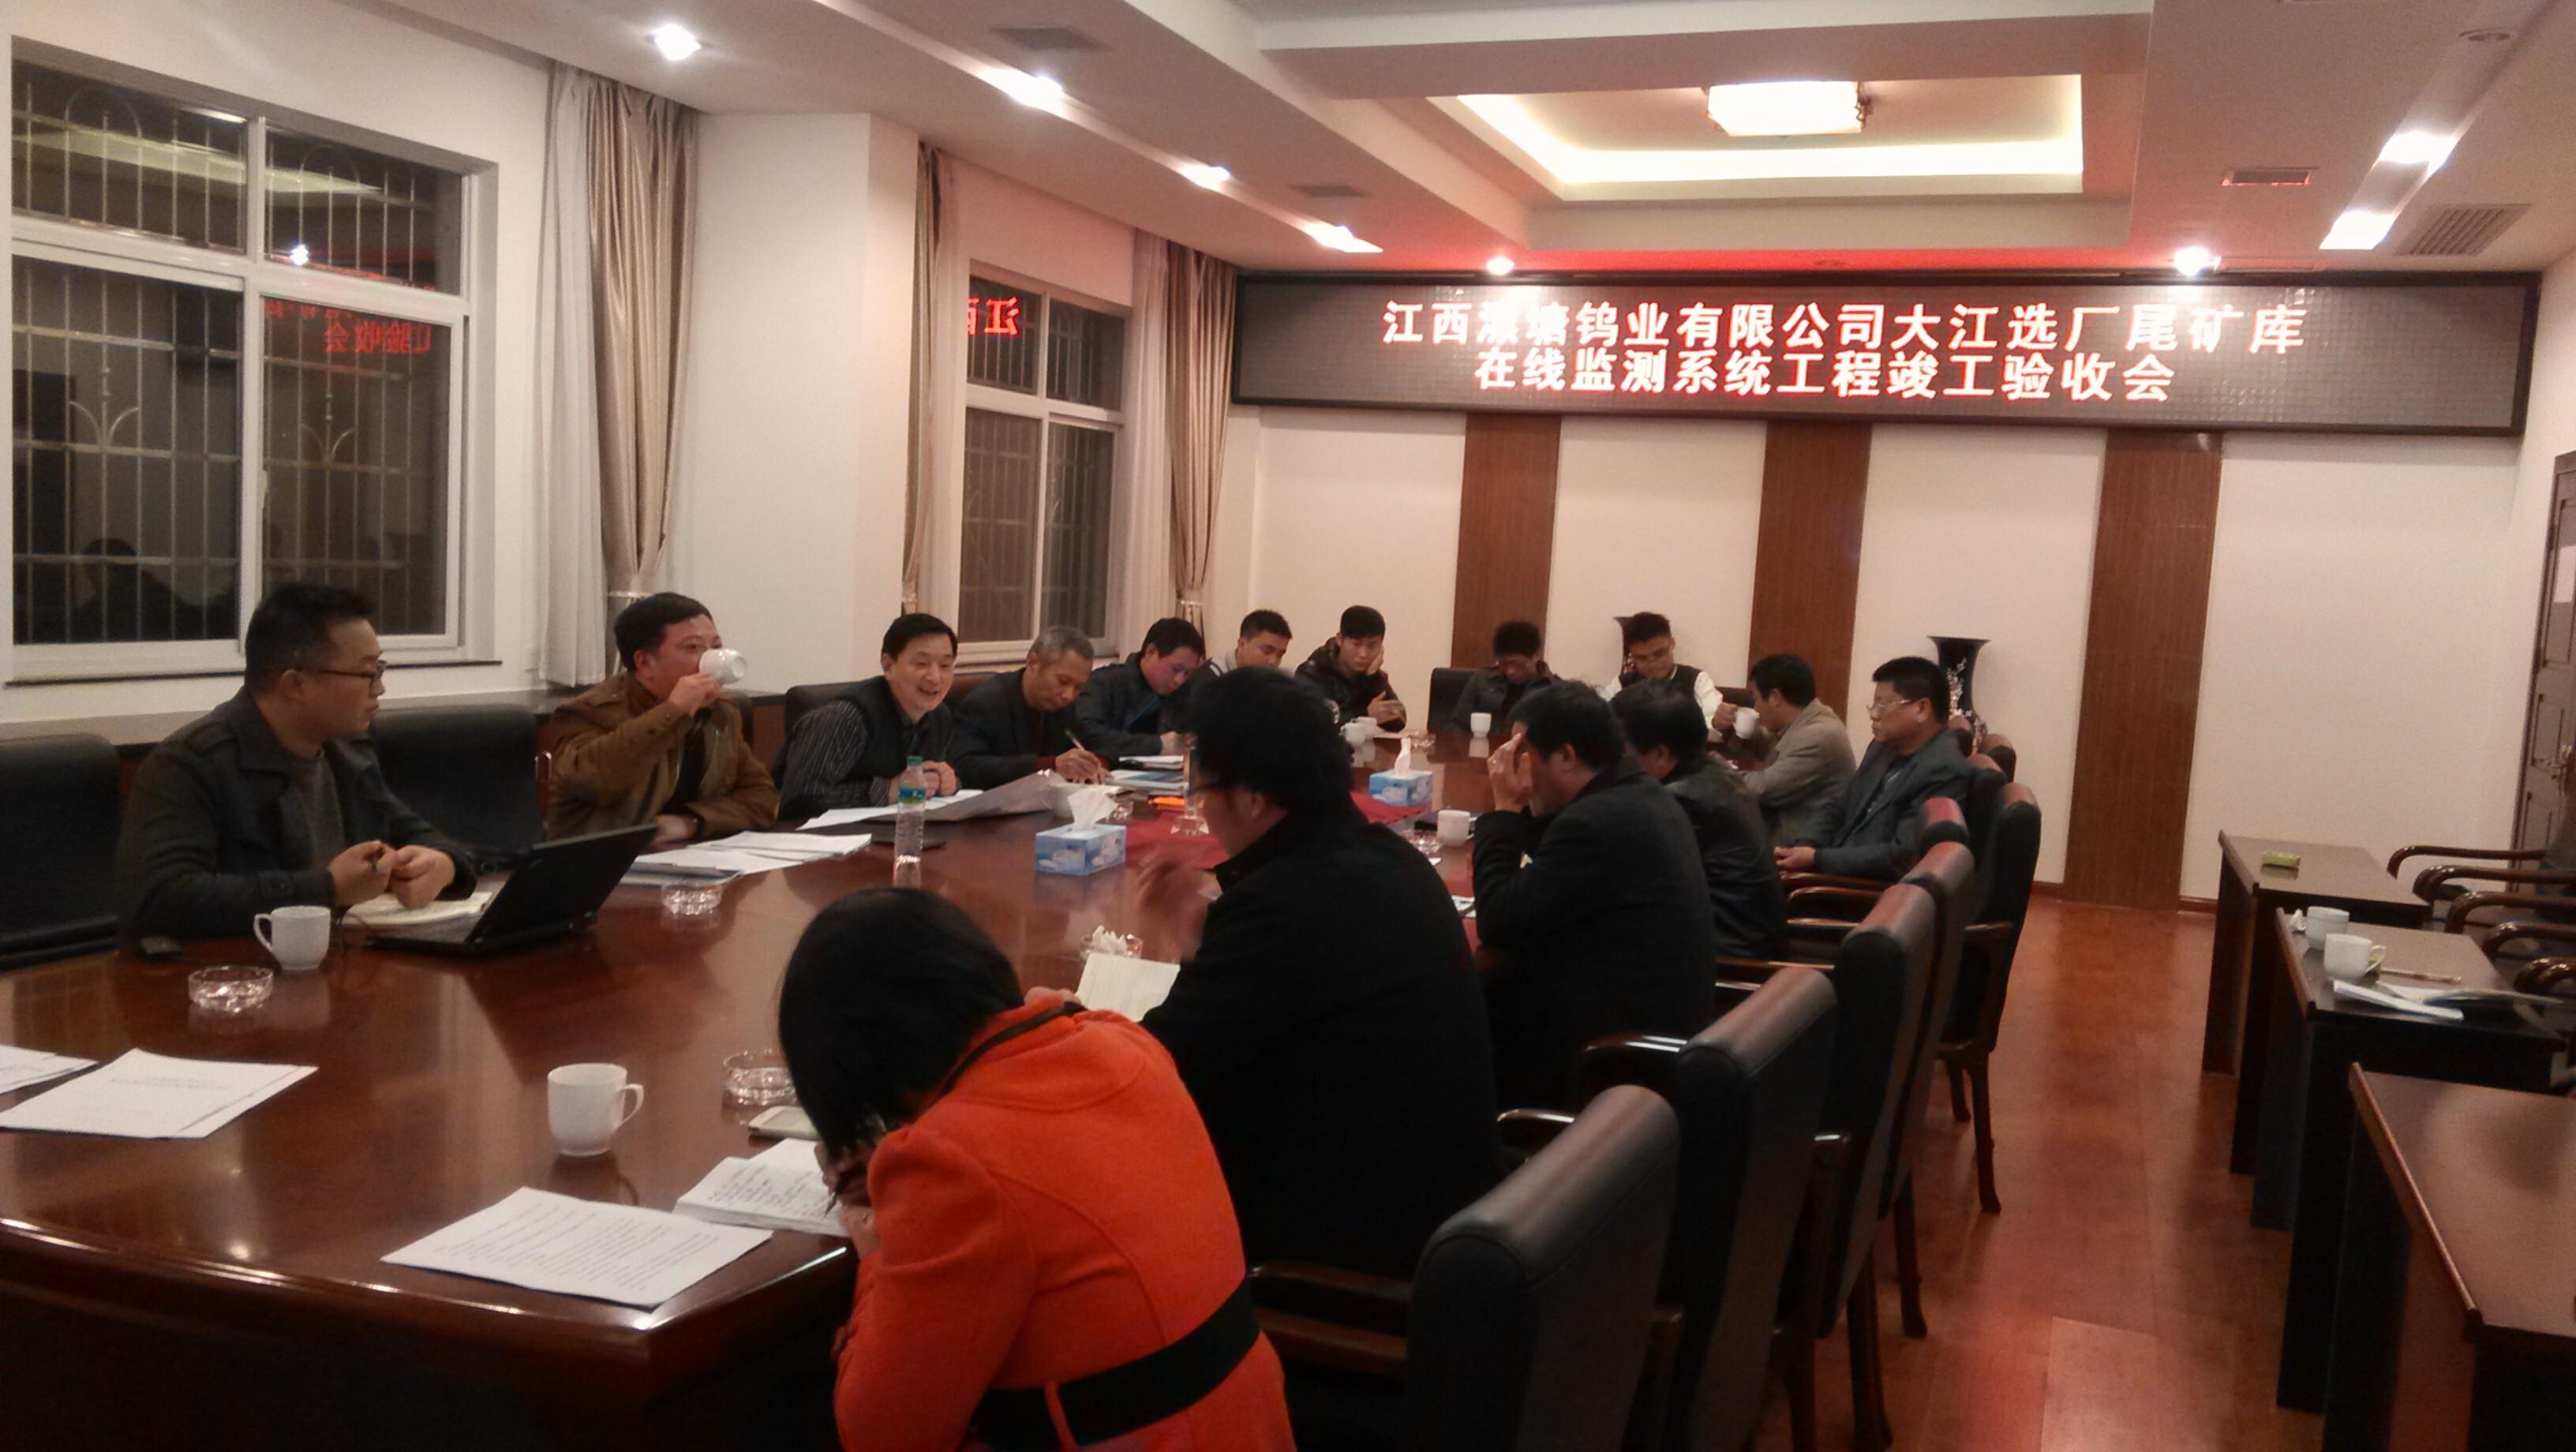 江西漂塘钨业有限公司六大系统项目